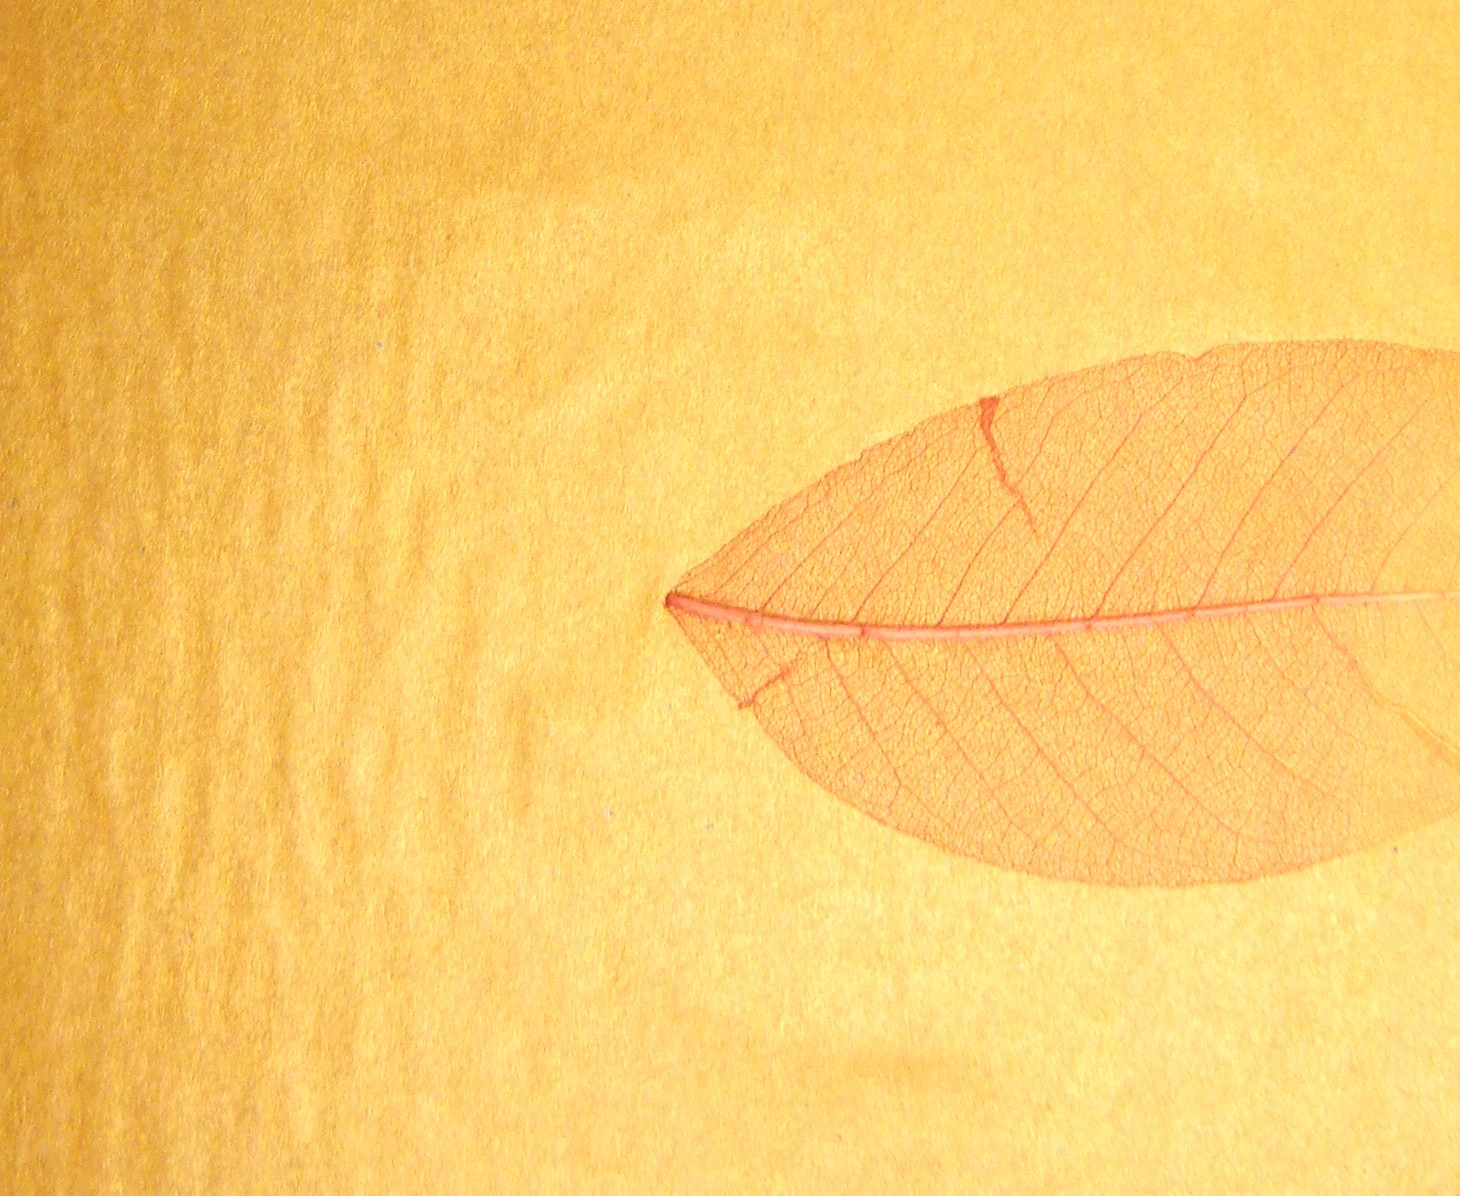 DSCN1643 otoño dorado